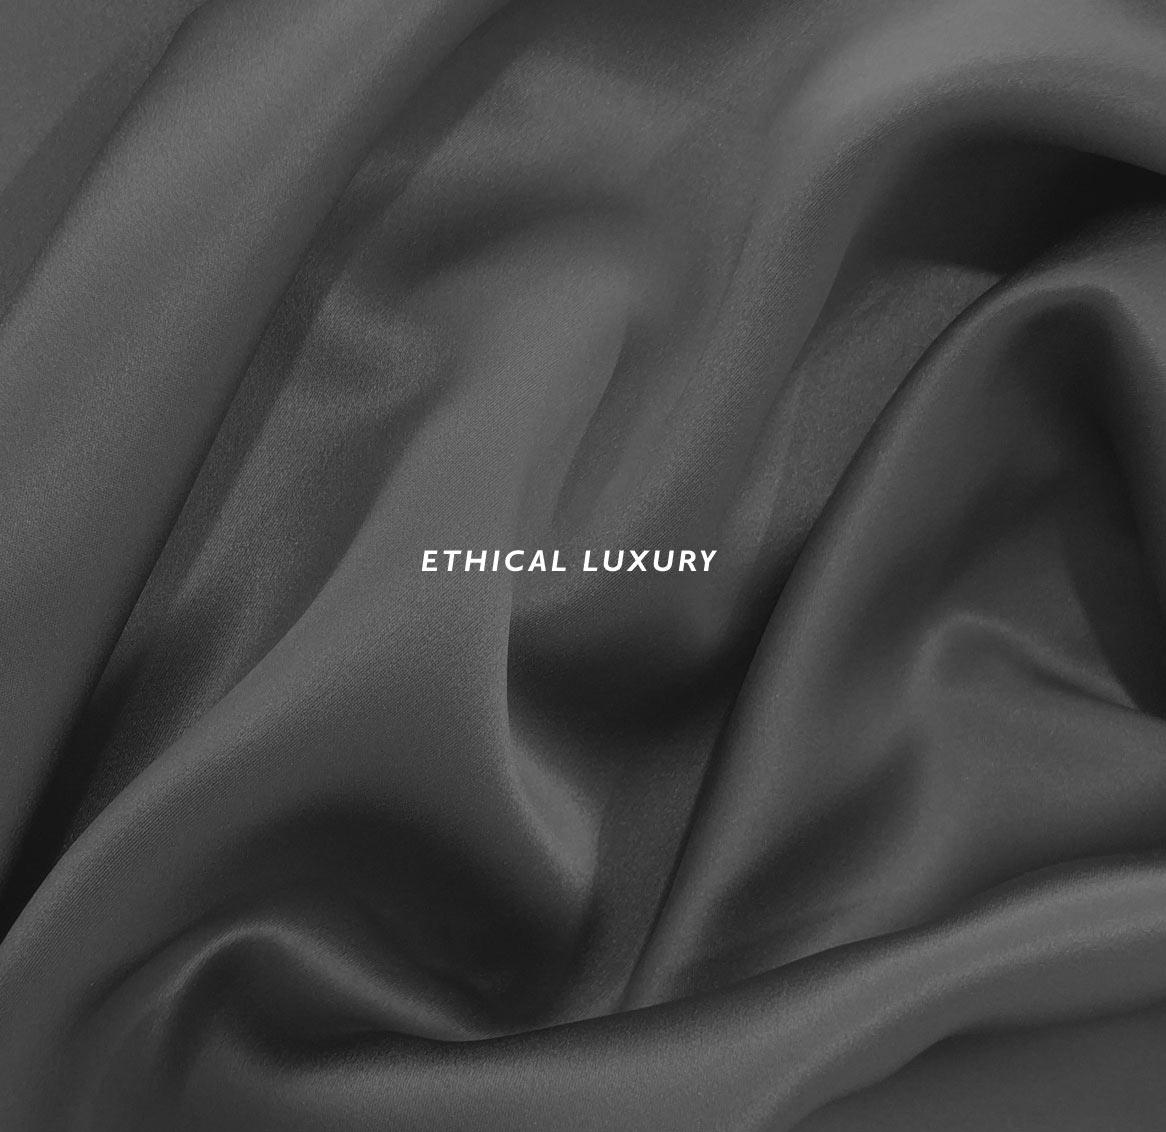 Ethical Luxury